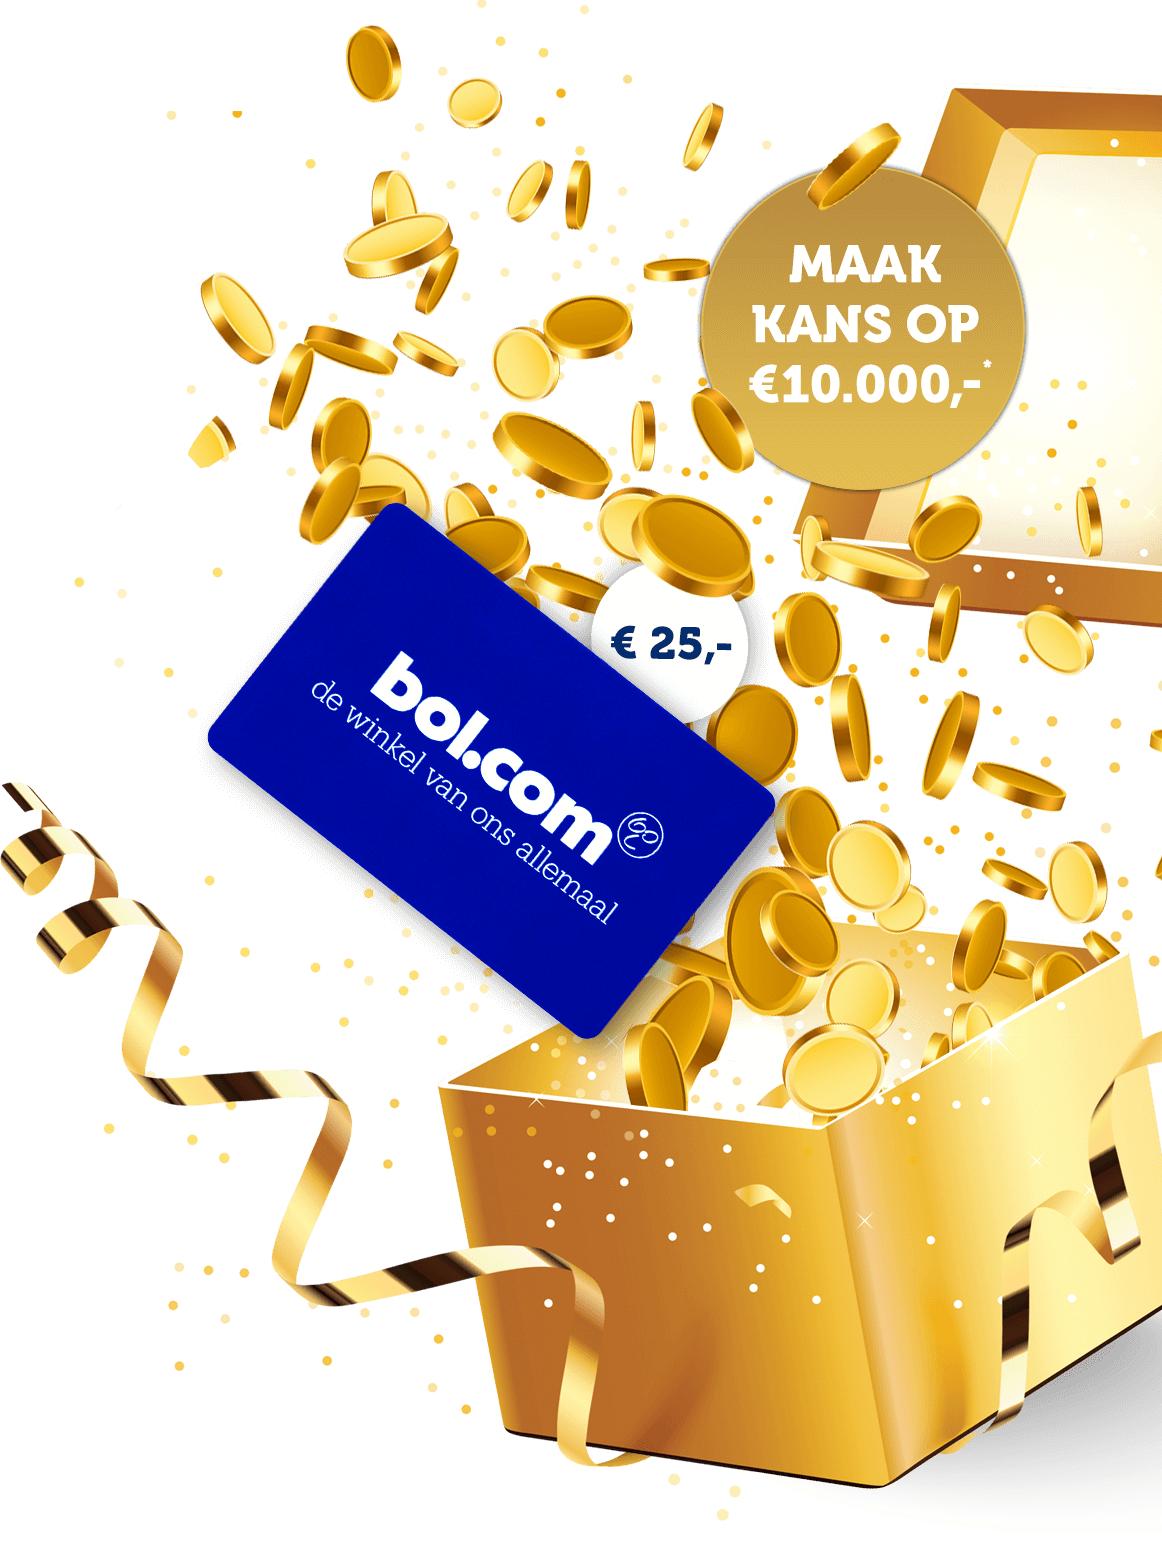 €25,- bol.com cadeaubon bij meespelen met Staatsloterij